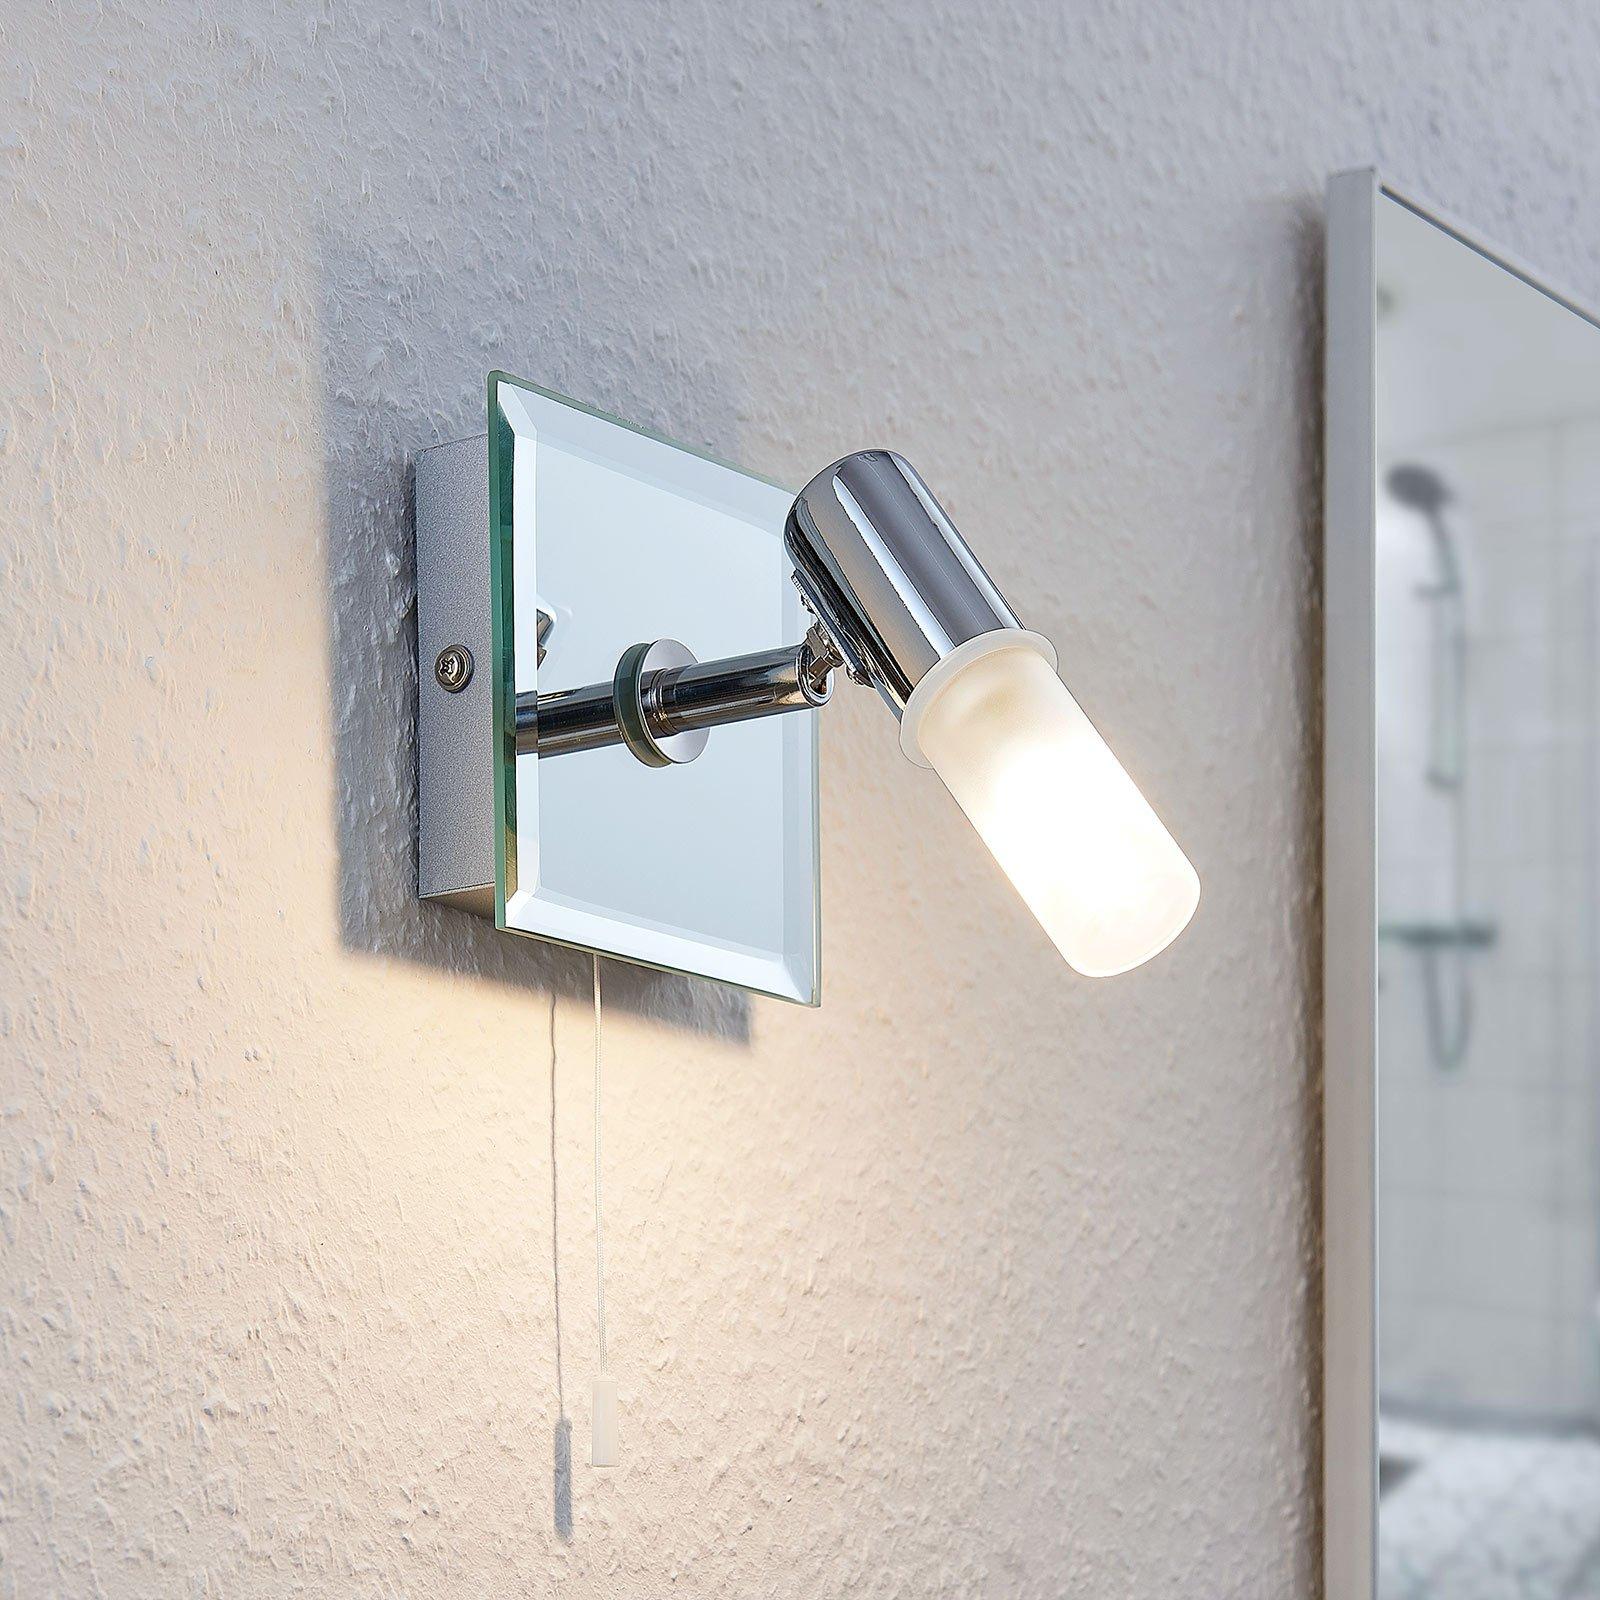 Vegglampe Zela, baderomslampe med snorbryter